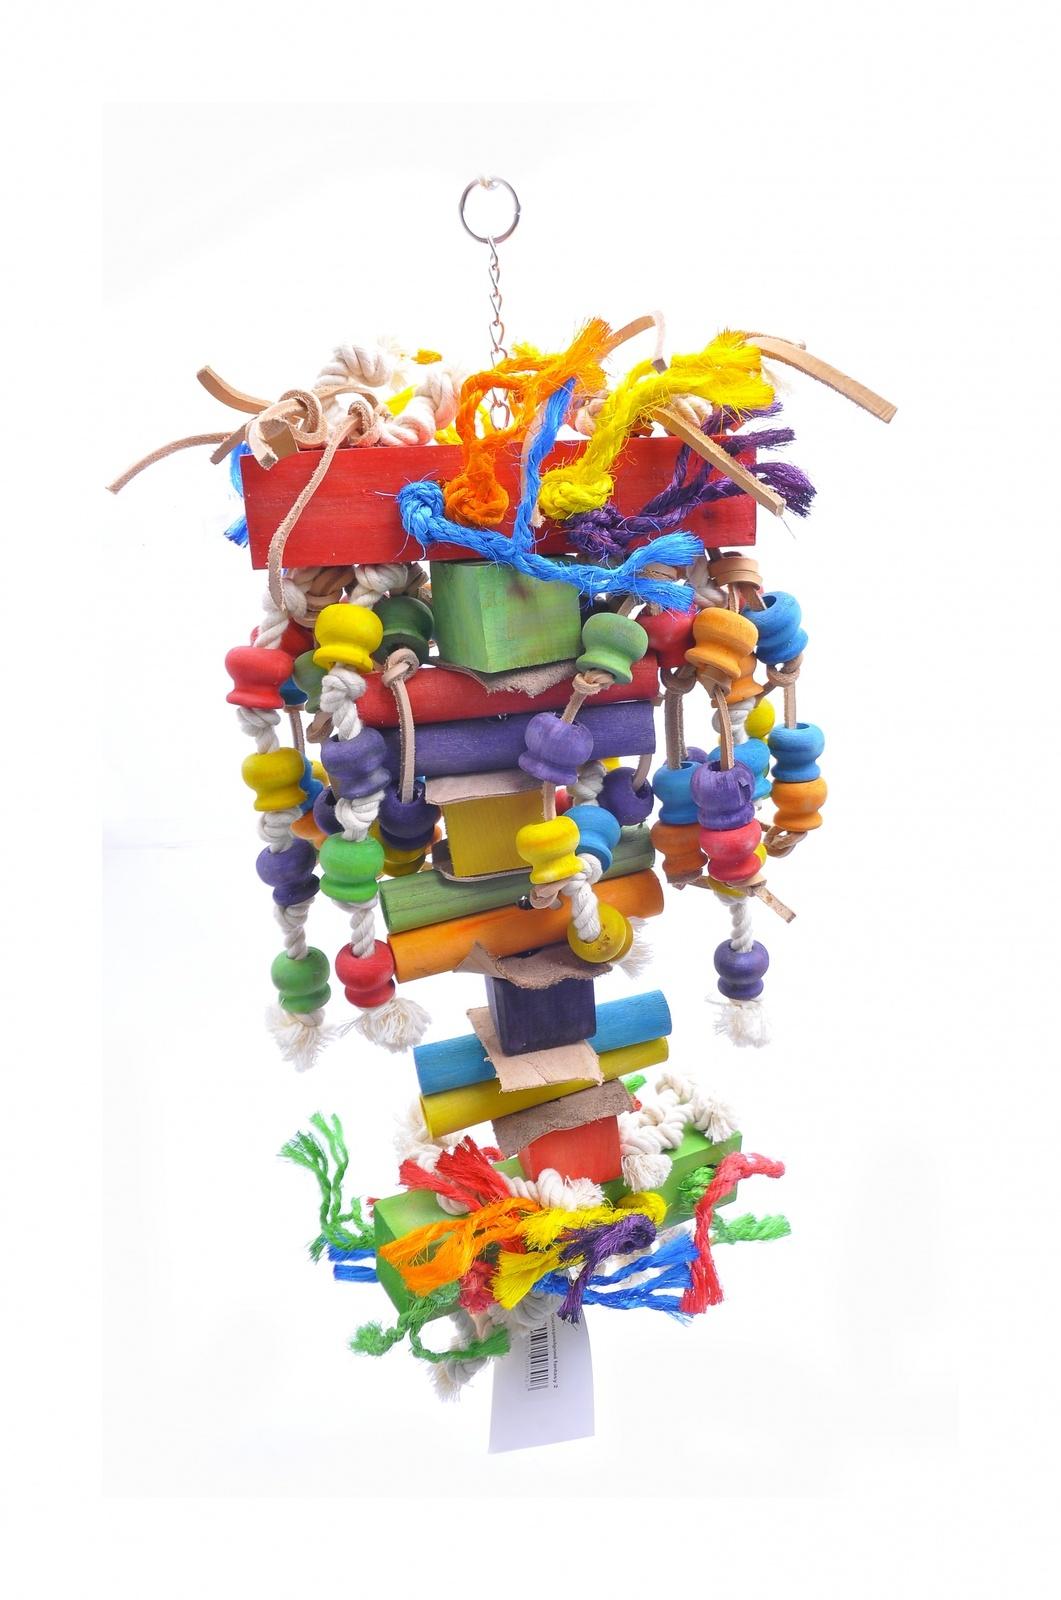 """Benelux Игрушка-дразнилка для длиннохвостых попугаев """"Большая Фантазия"""" 21*28*80 см (Coco toy xxl for parrot/parrakeet Fantasy 2) 14217 от Ravta"""